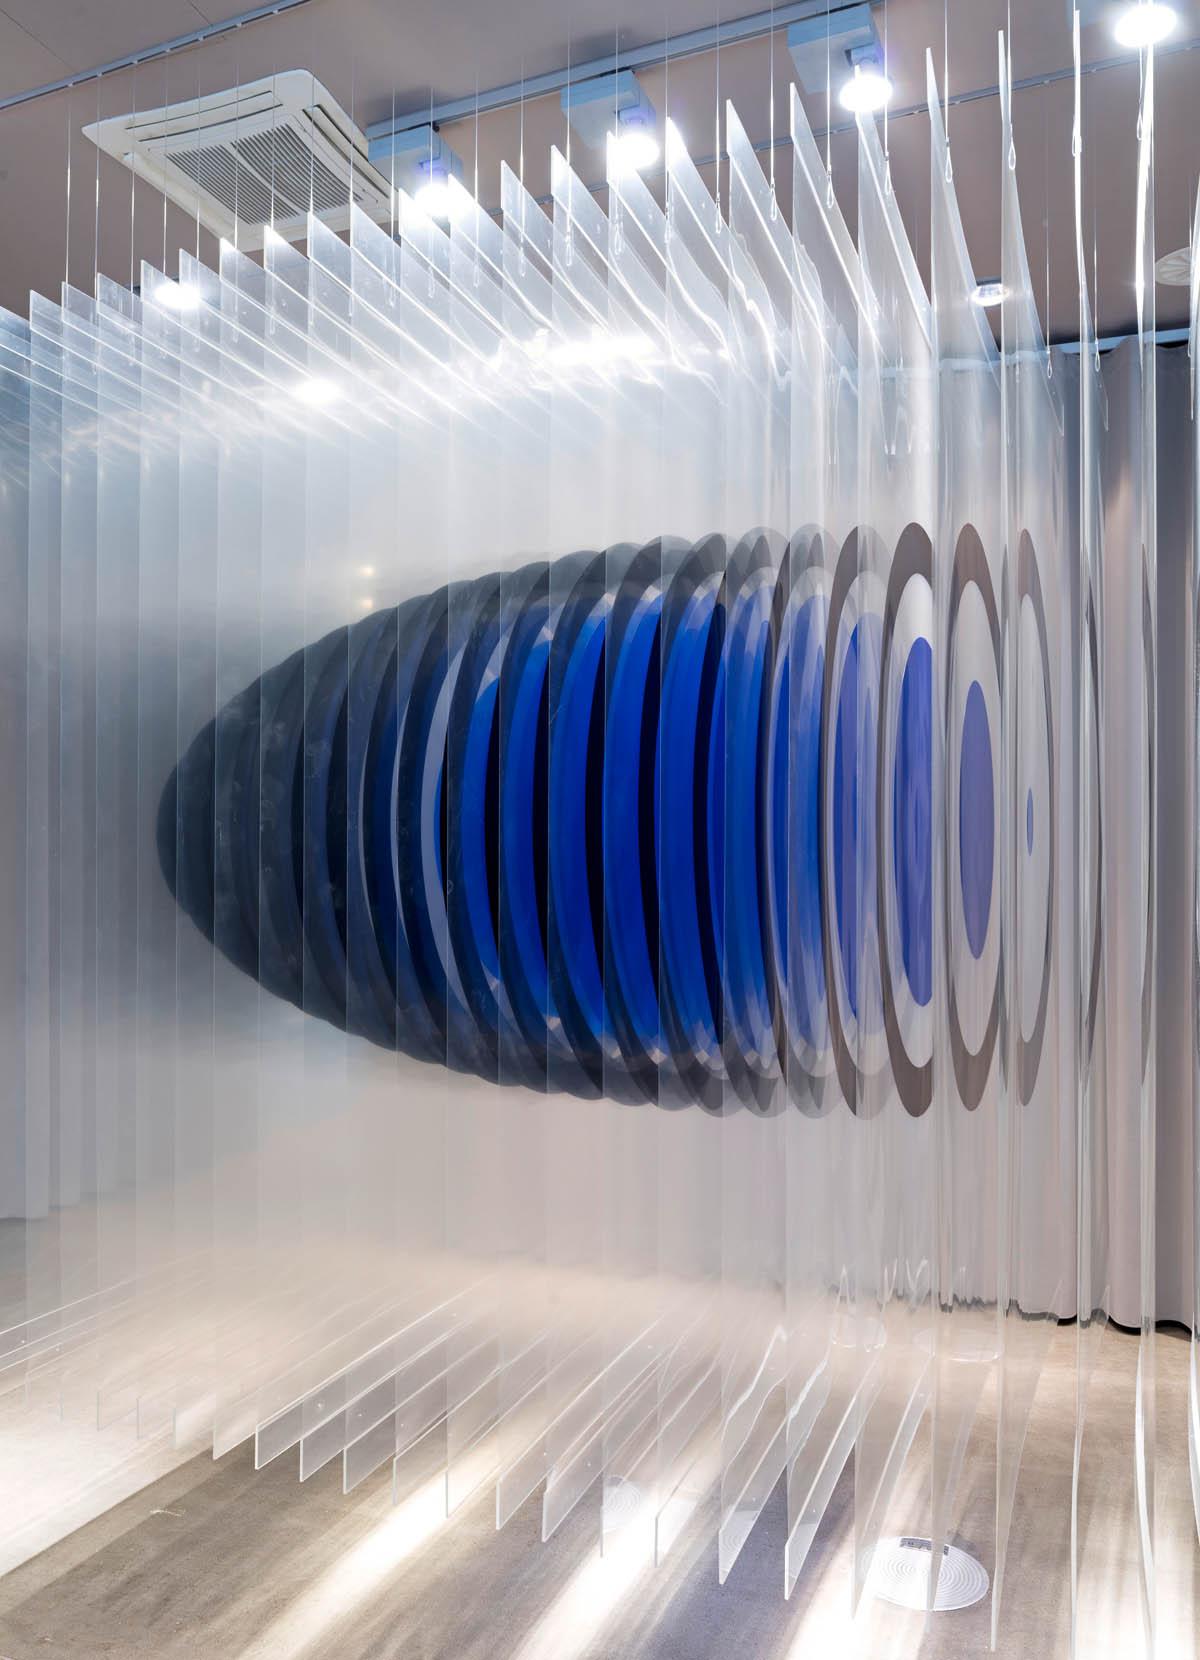 Foto der Rauminstallation 200 μ für die Ampelphase im Vitra Showroom in Frankfurt am Main. Durch Schichtung hauchdünner teilweise transparenter Schnittbilder entsteht ein dreidimensionaler schwebender Körper, der je nach Blickwinkel Einblick in seien innere Struktur bietet.